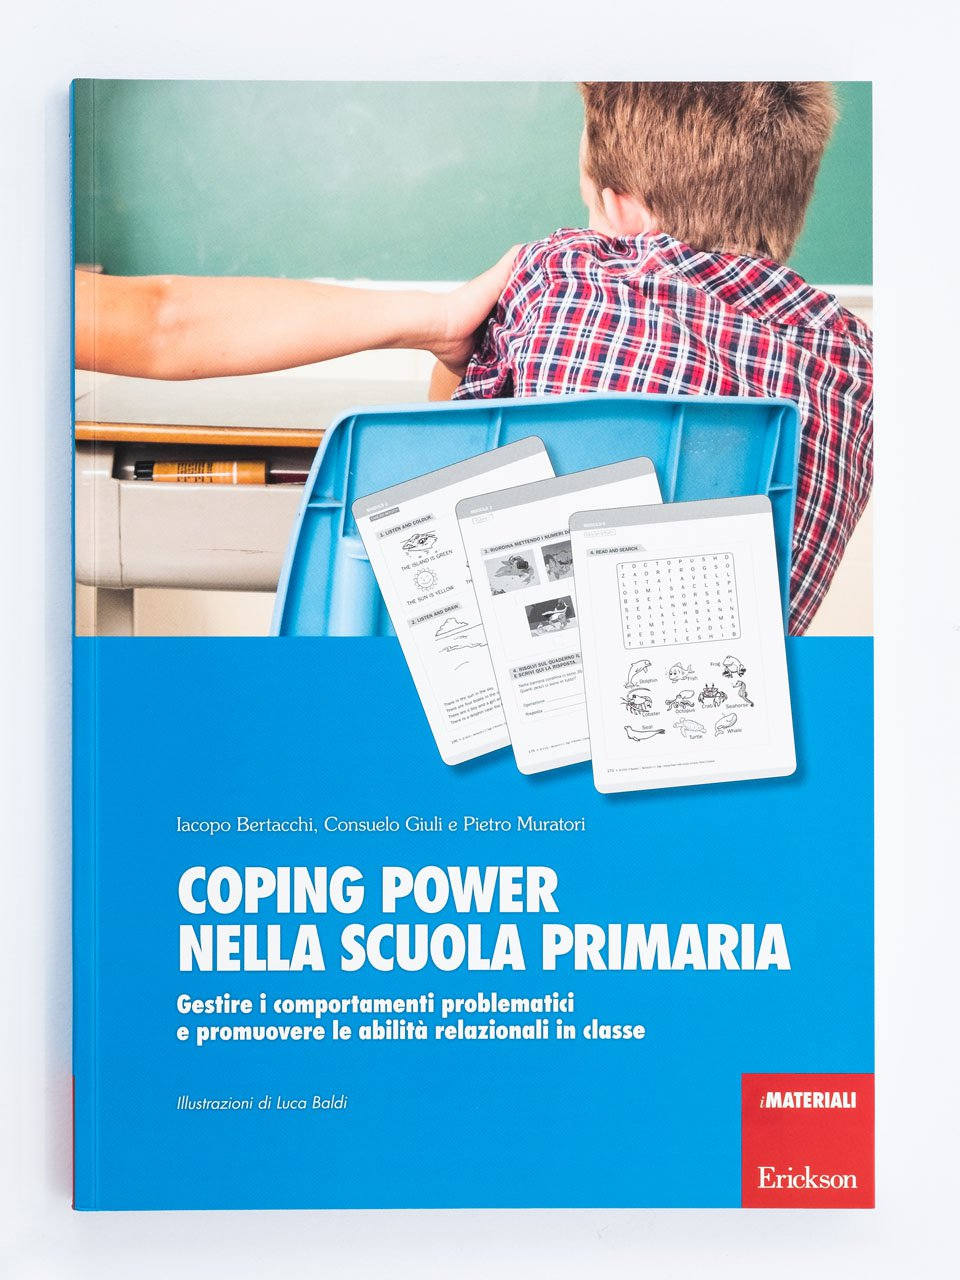 Coping Power nella scuola primaria - Utilizzare il programma Coping Power Scuola in classe - Erickson